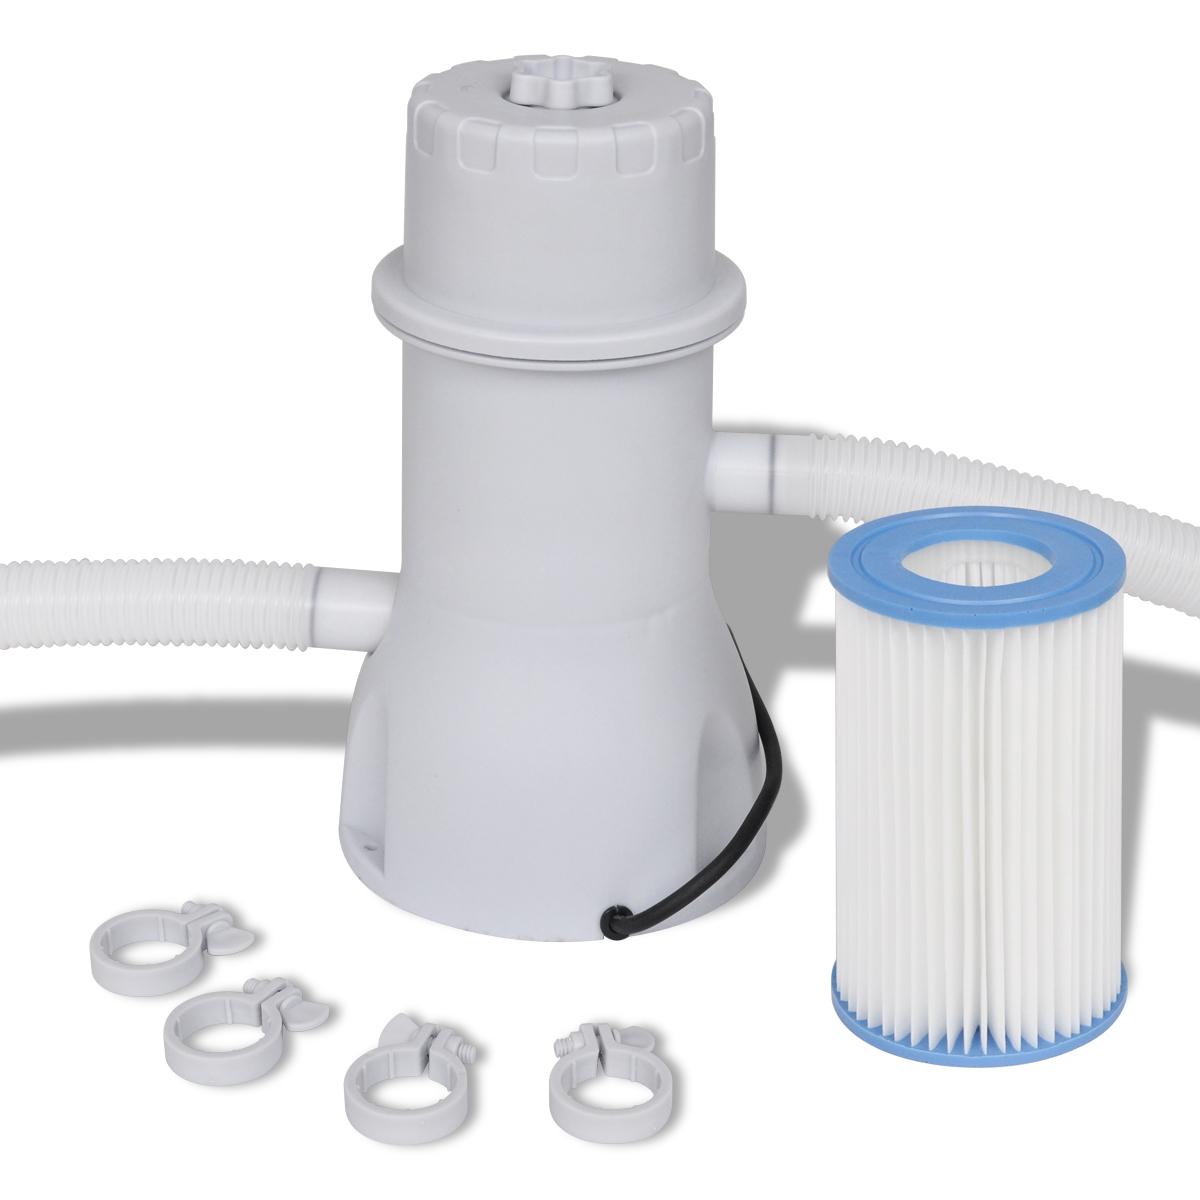 Filtre a sable pour piscine Pompe de filtration a sable pour Piscine